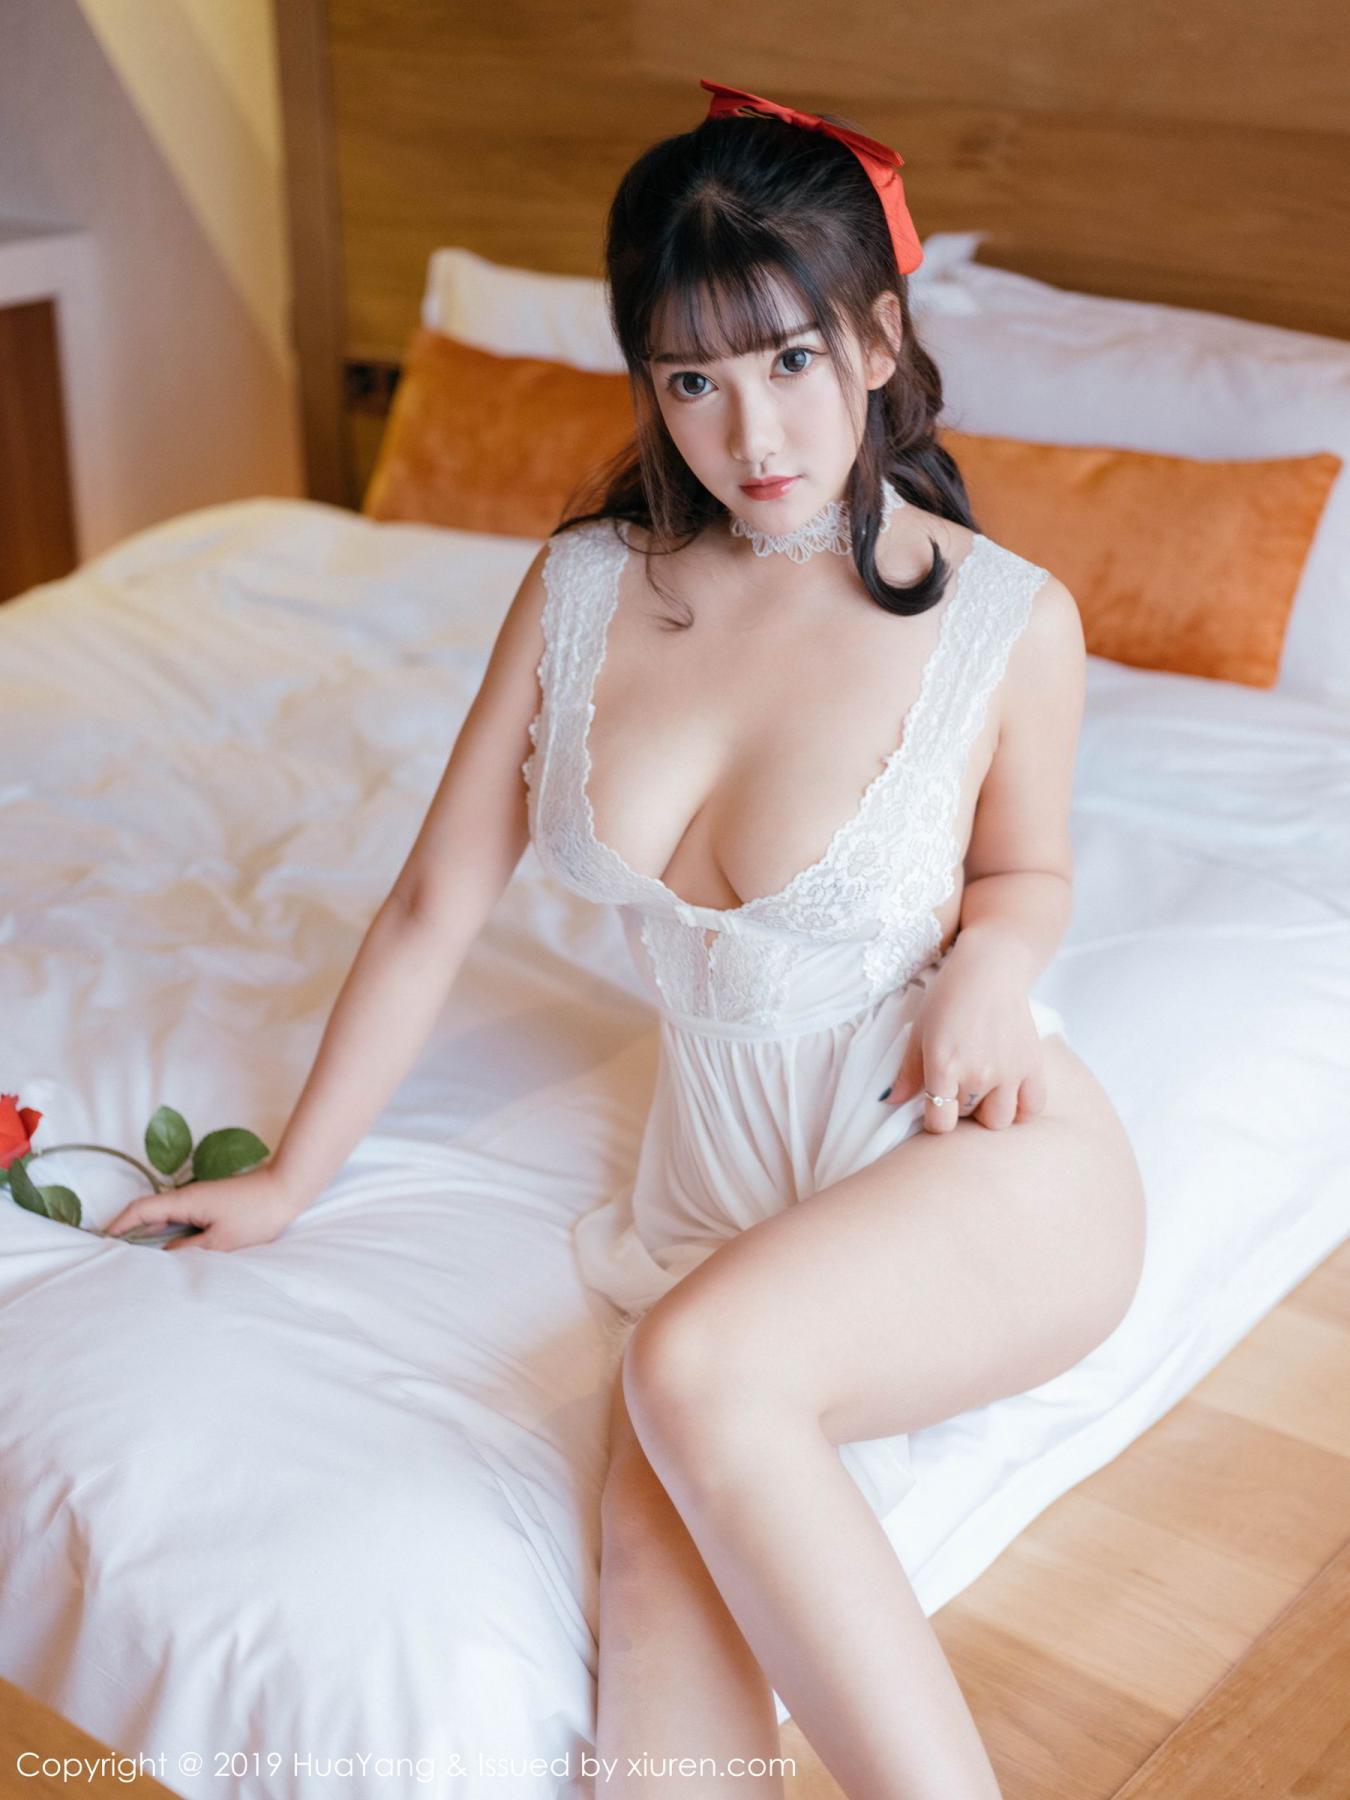 [Huayang] Vol.123 Xiao You Nai 3P, Adult, Baby Face Big Boobs, HuaYang, Lu Lu Xiao Miao